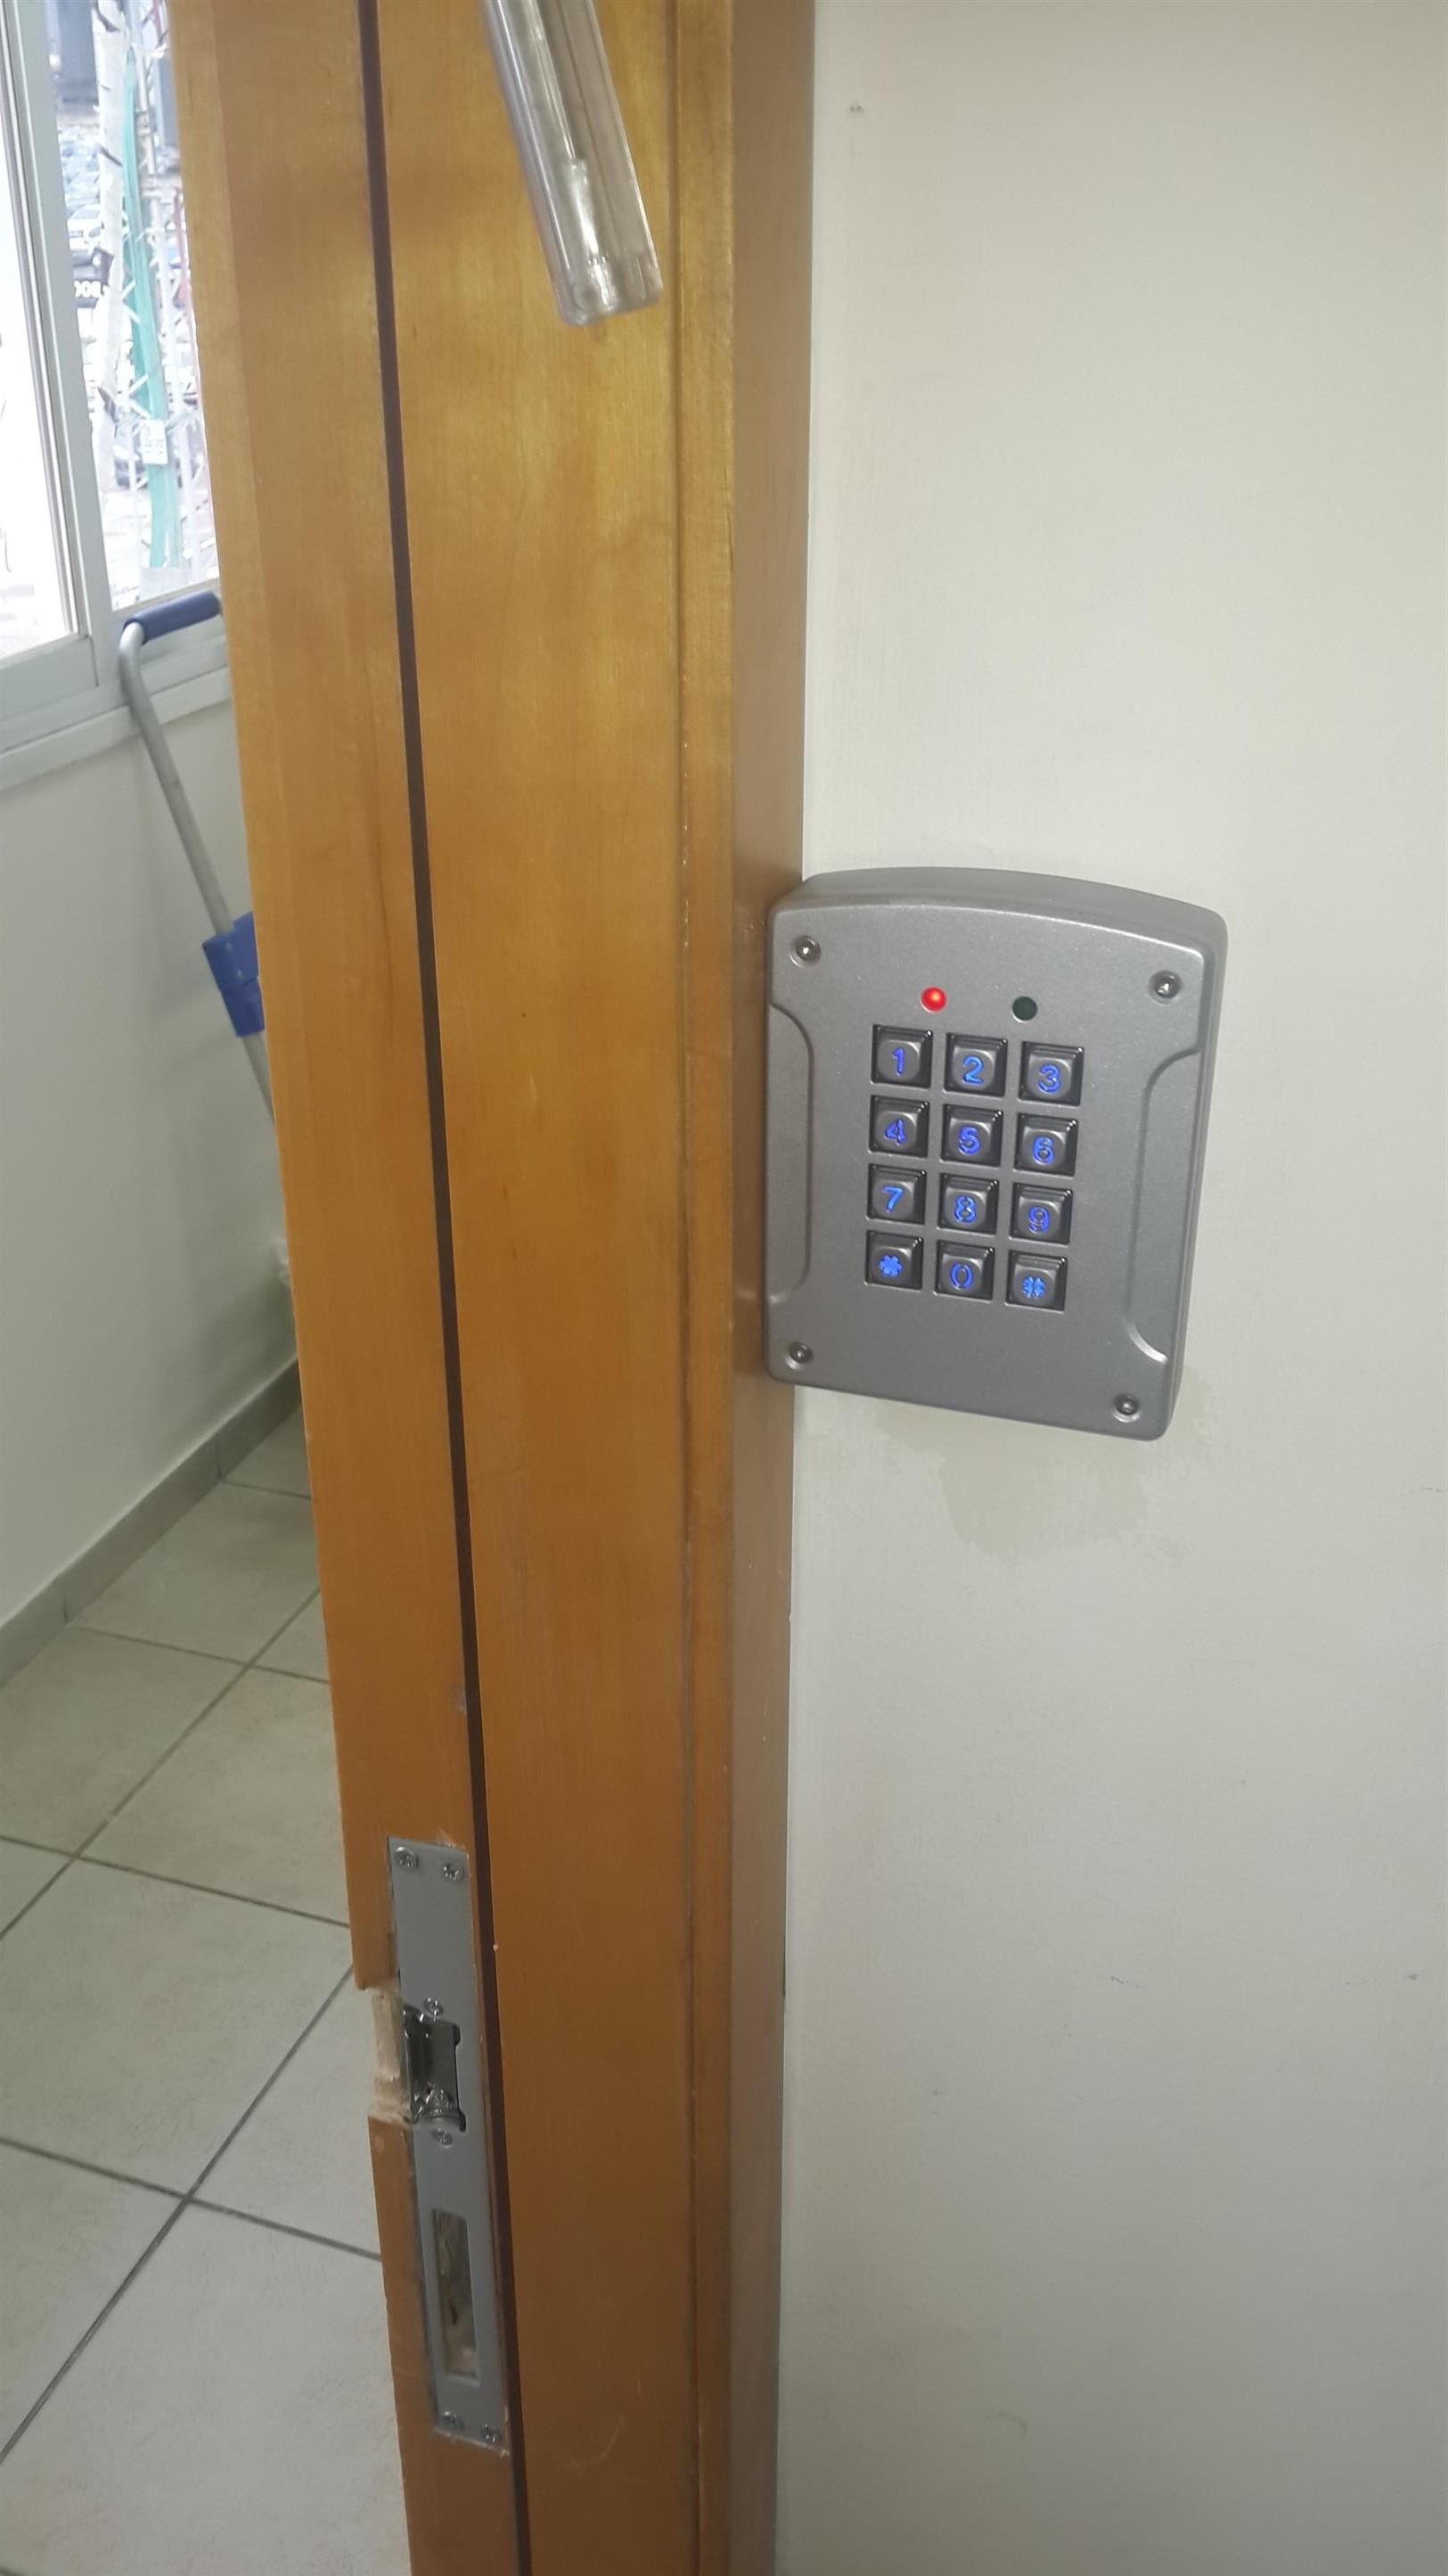 לאחר התקנת מנעול חשמלי במשקוף הדלת